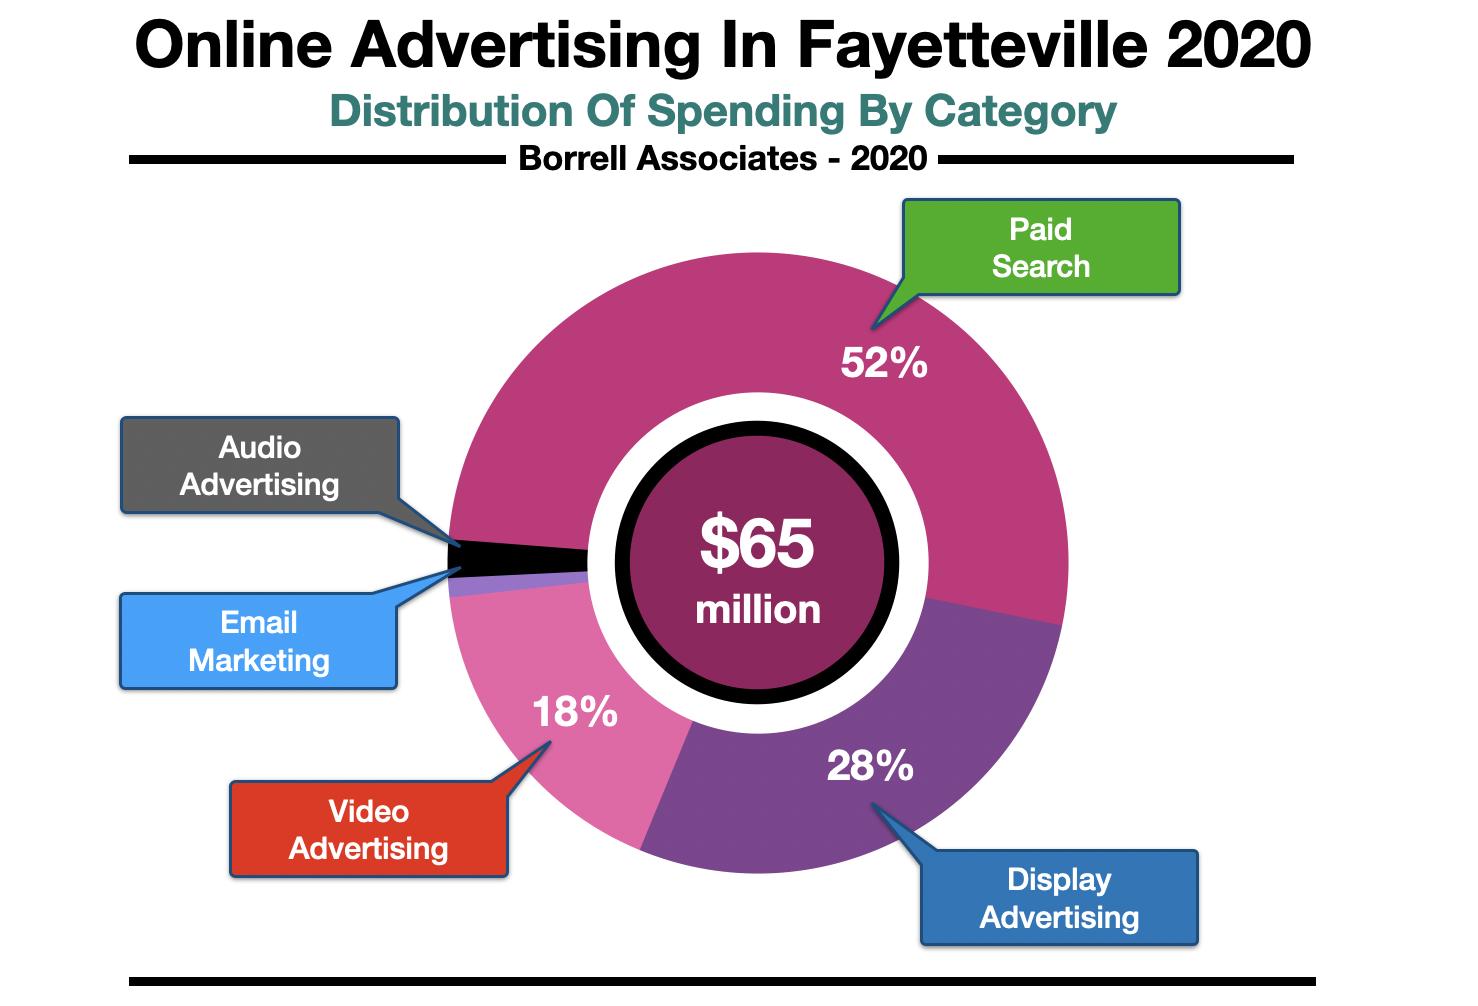 Advertising Online In Fayetteville Spending